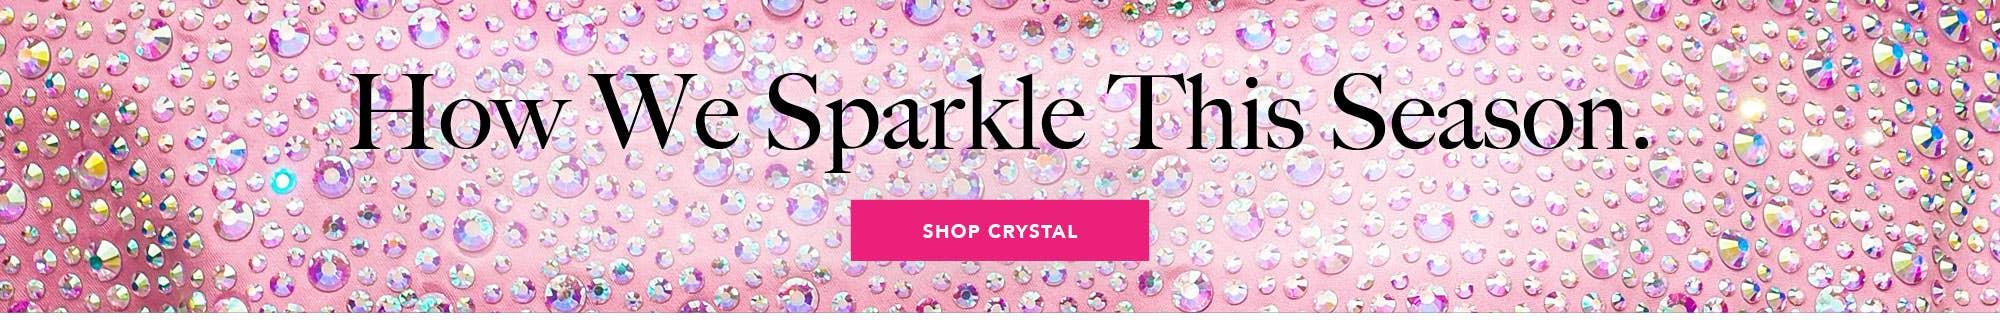 pearl dream bags